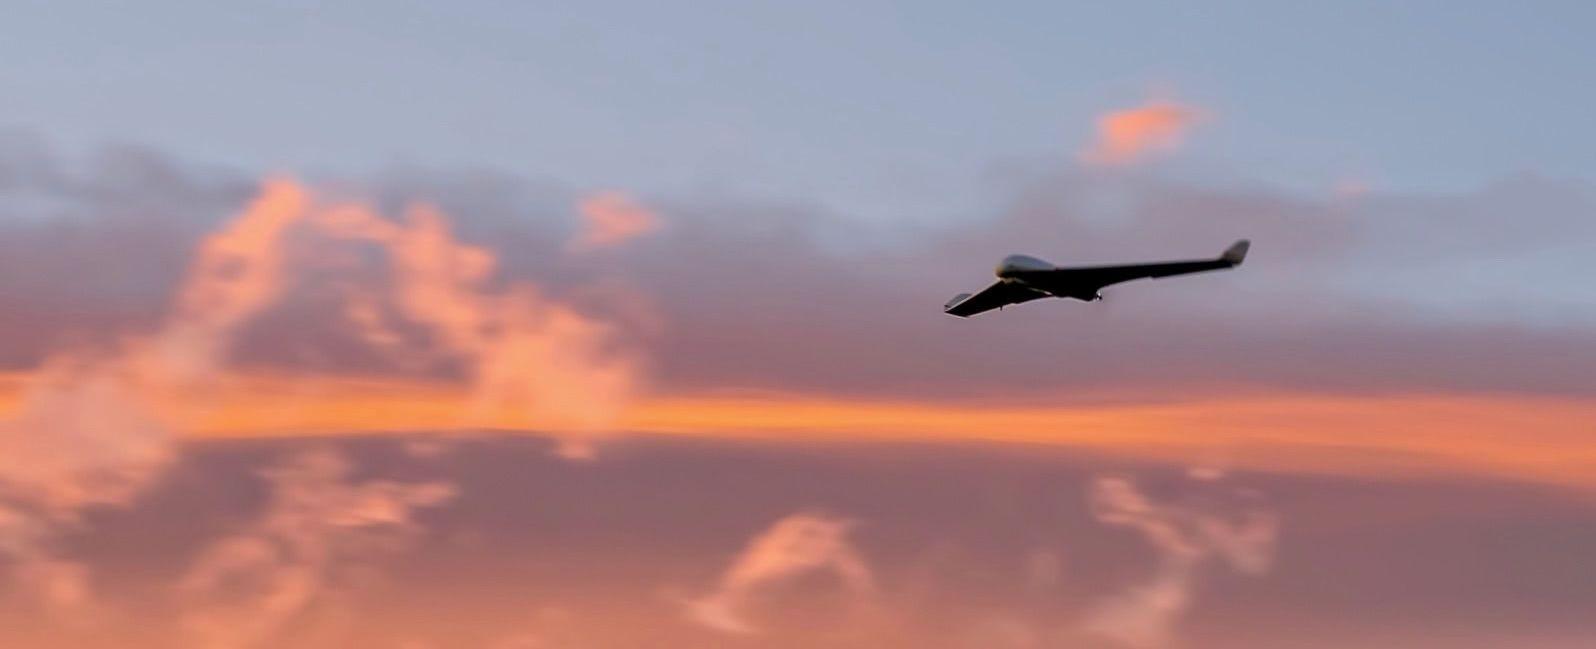 drone de ala fija volando al atardecer con un cielo de color naranja al fondo